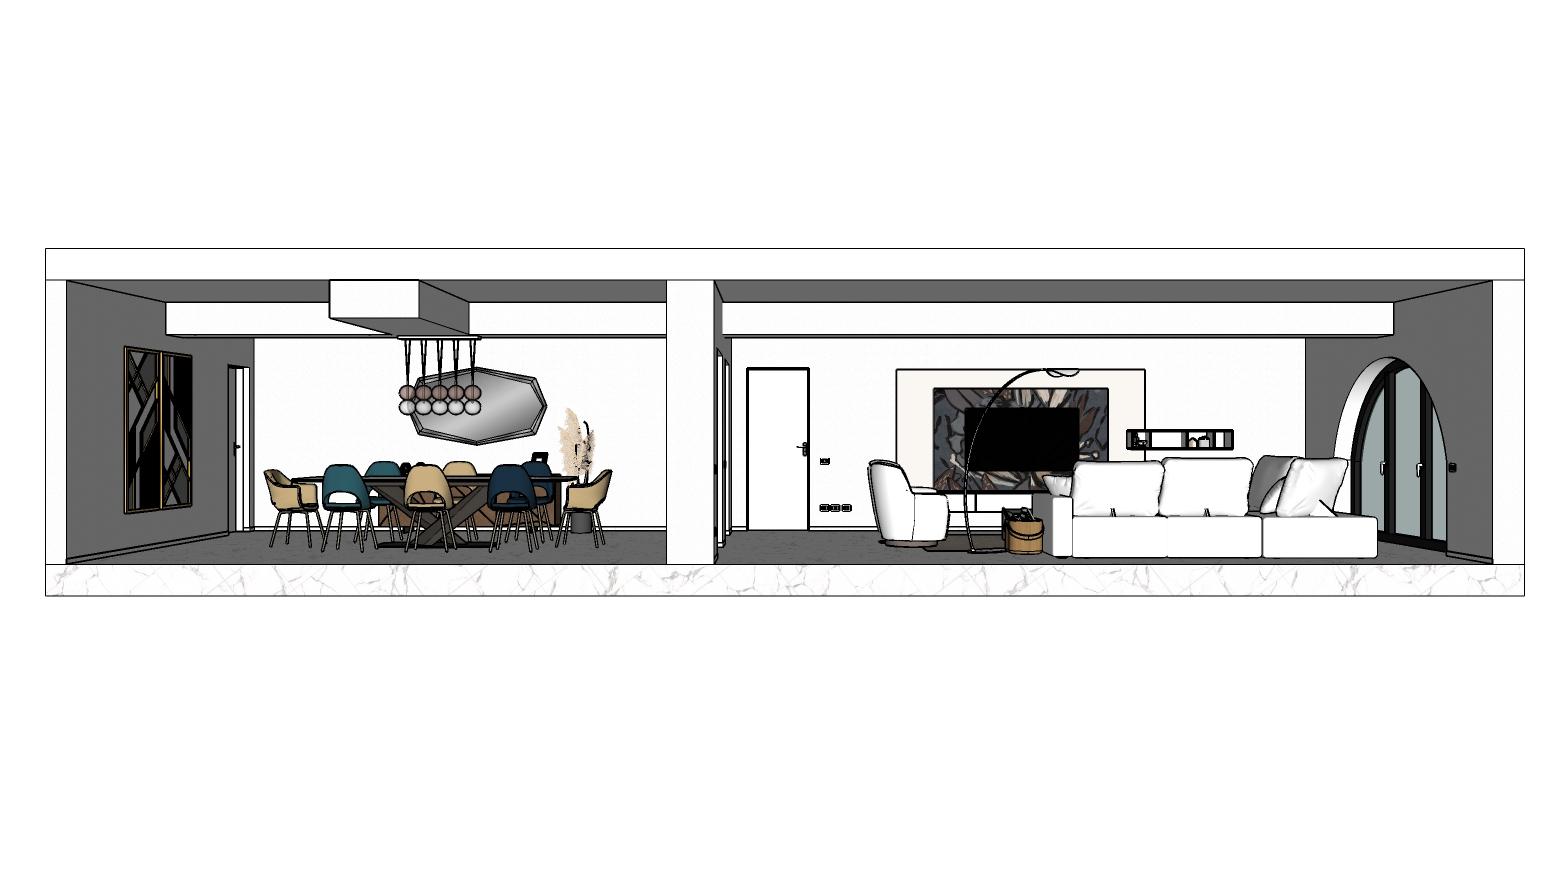 Vista laterale dell'open space: sala da pranzo sulla sinistra, salotto sulla destra